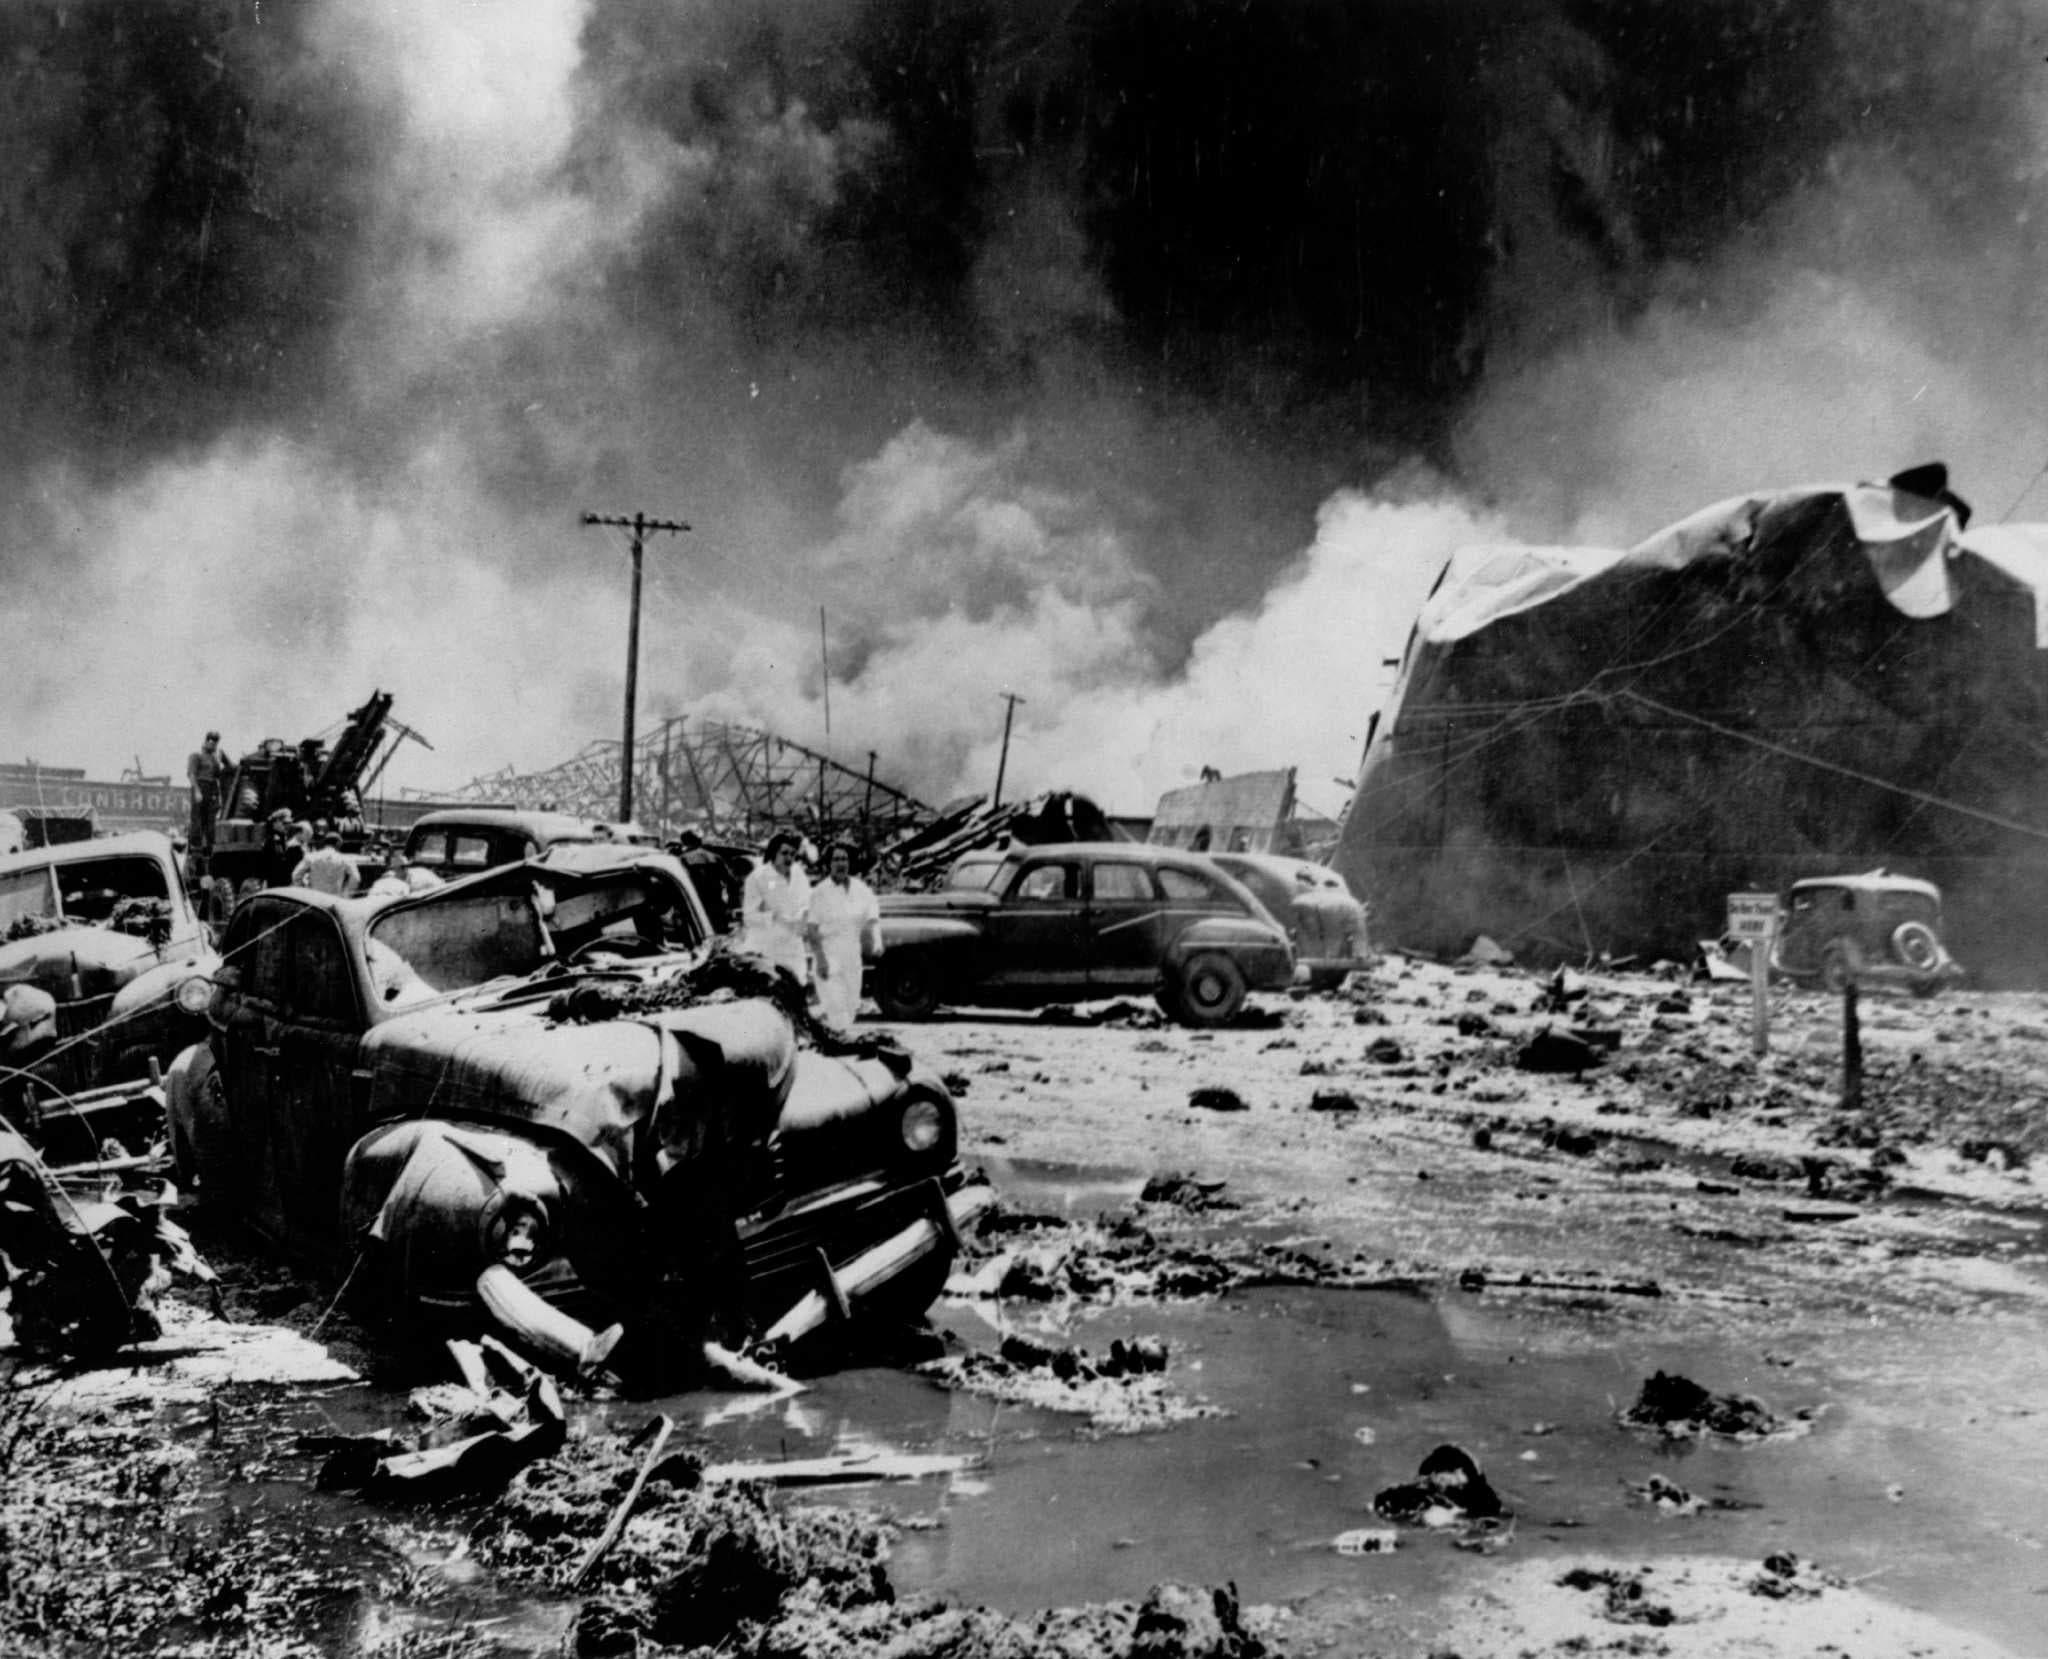 صورة تبرز حجم الخراب الذي لحق بالمنطقة عقب الانفجار